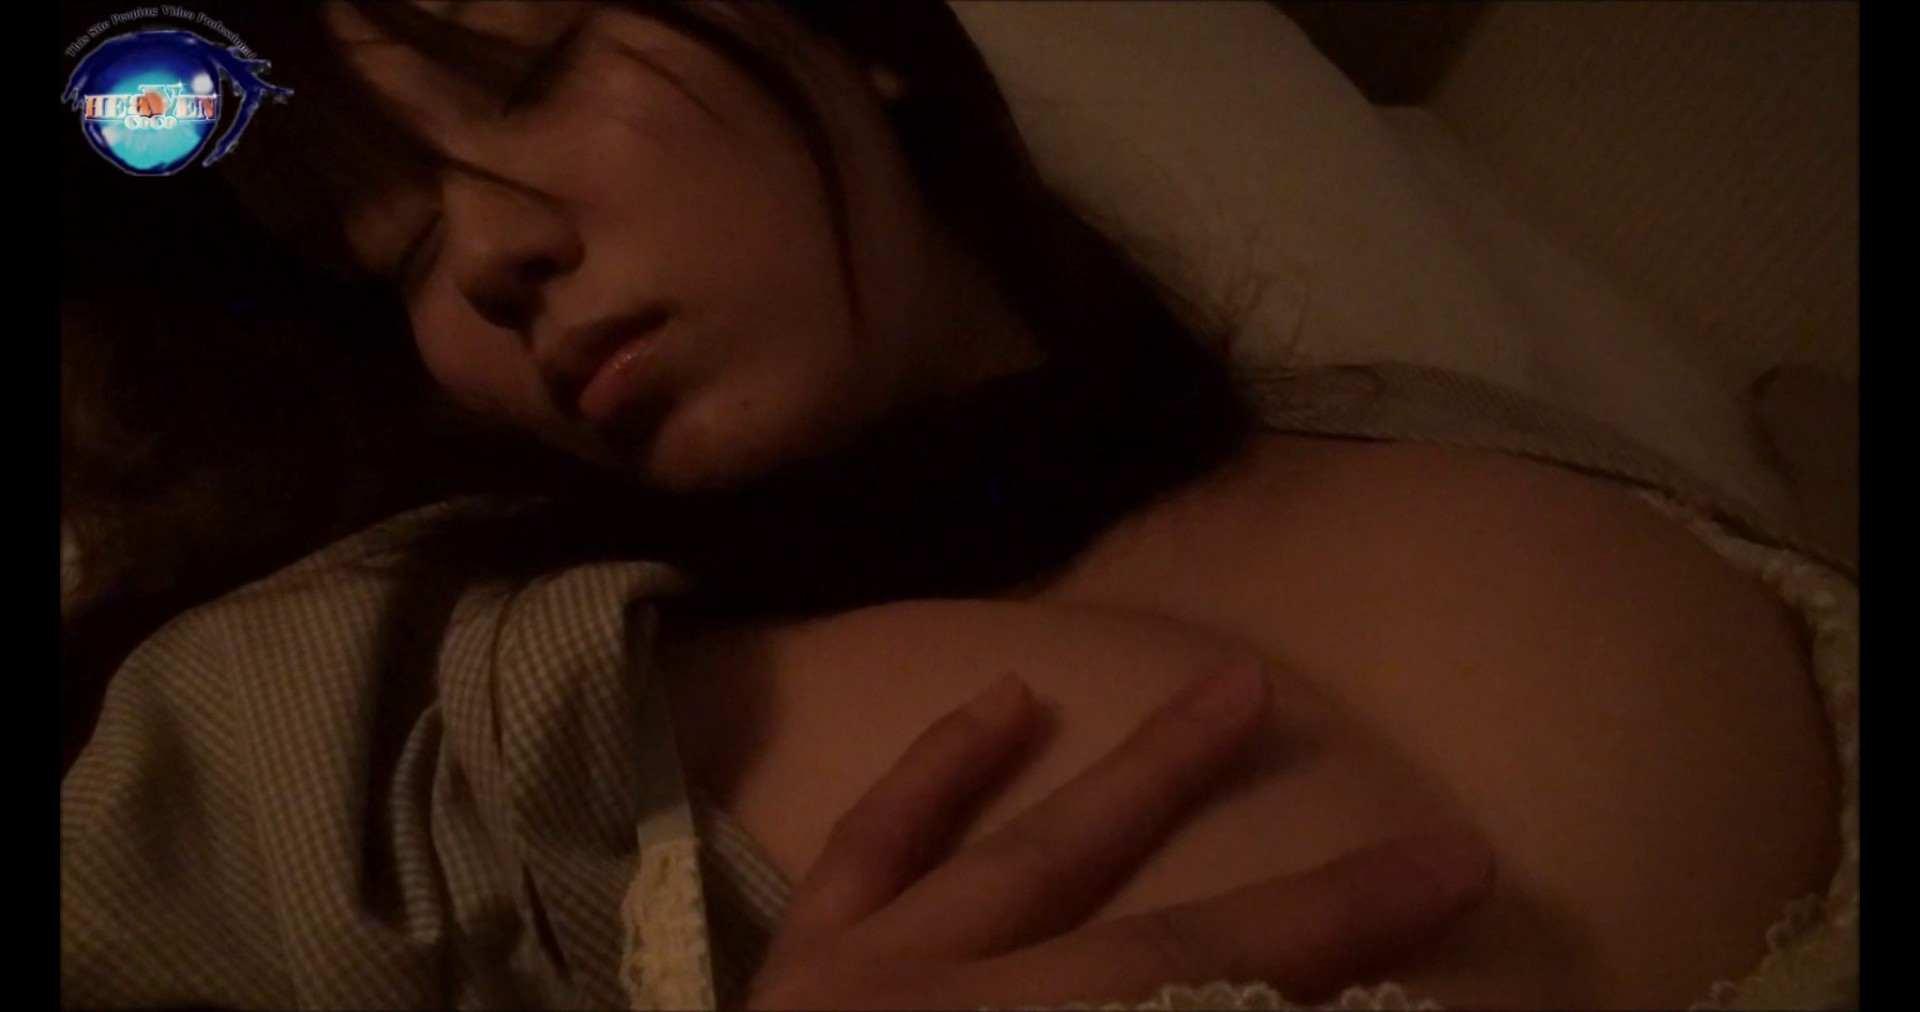 睡魔 シュウライ 第五弐話 前編 下半身  65PICs 12